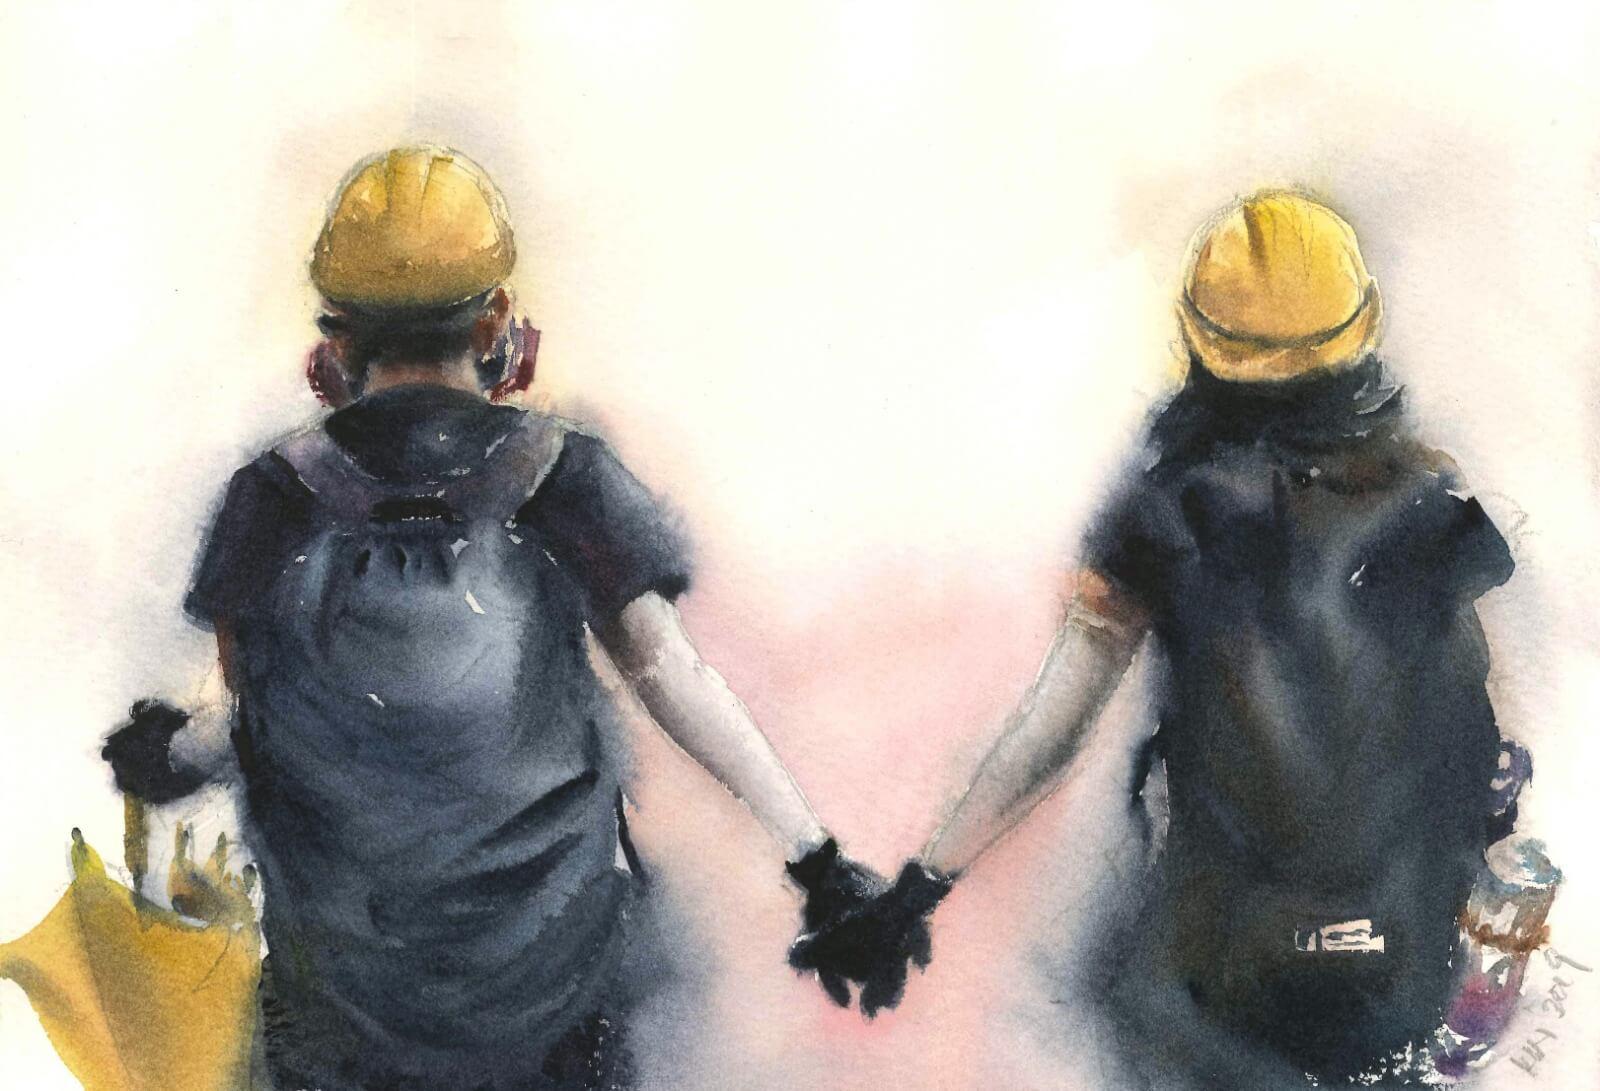 一對情侶在街頭落寞地牽手,每一次做成複印品售賣時,這張畫作必定會賣斷。「亂世情侶,加上是背影,大家較容易代入。」